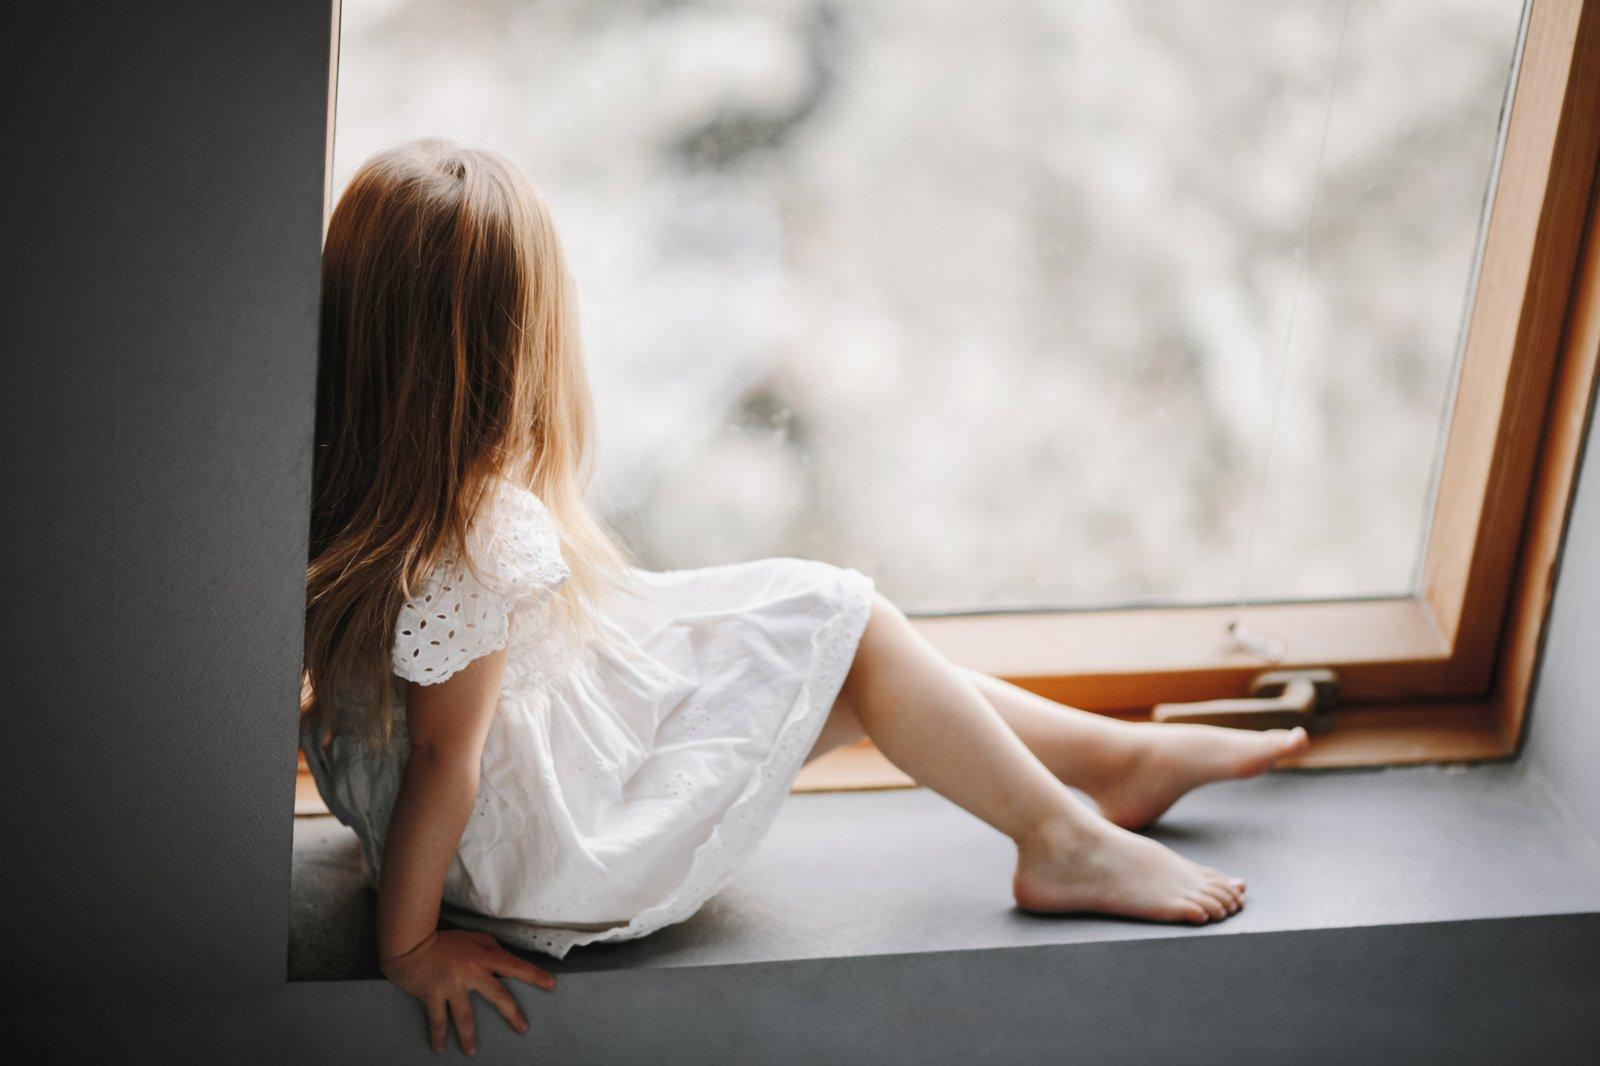 Vaikų teisių specialistai prašo pedagogų pagalbos atpažįstant vaikų problemas